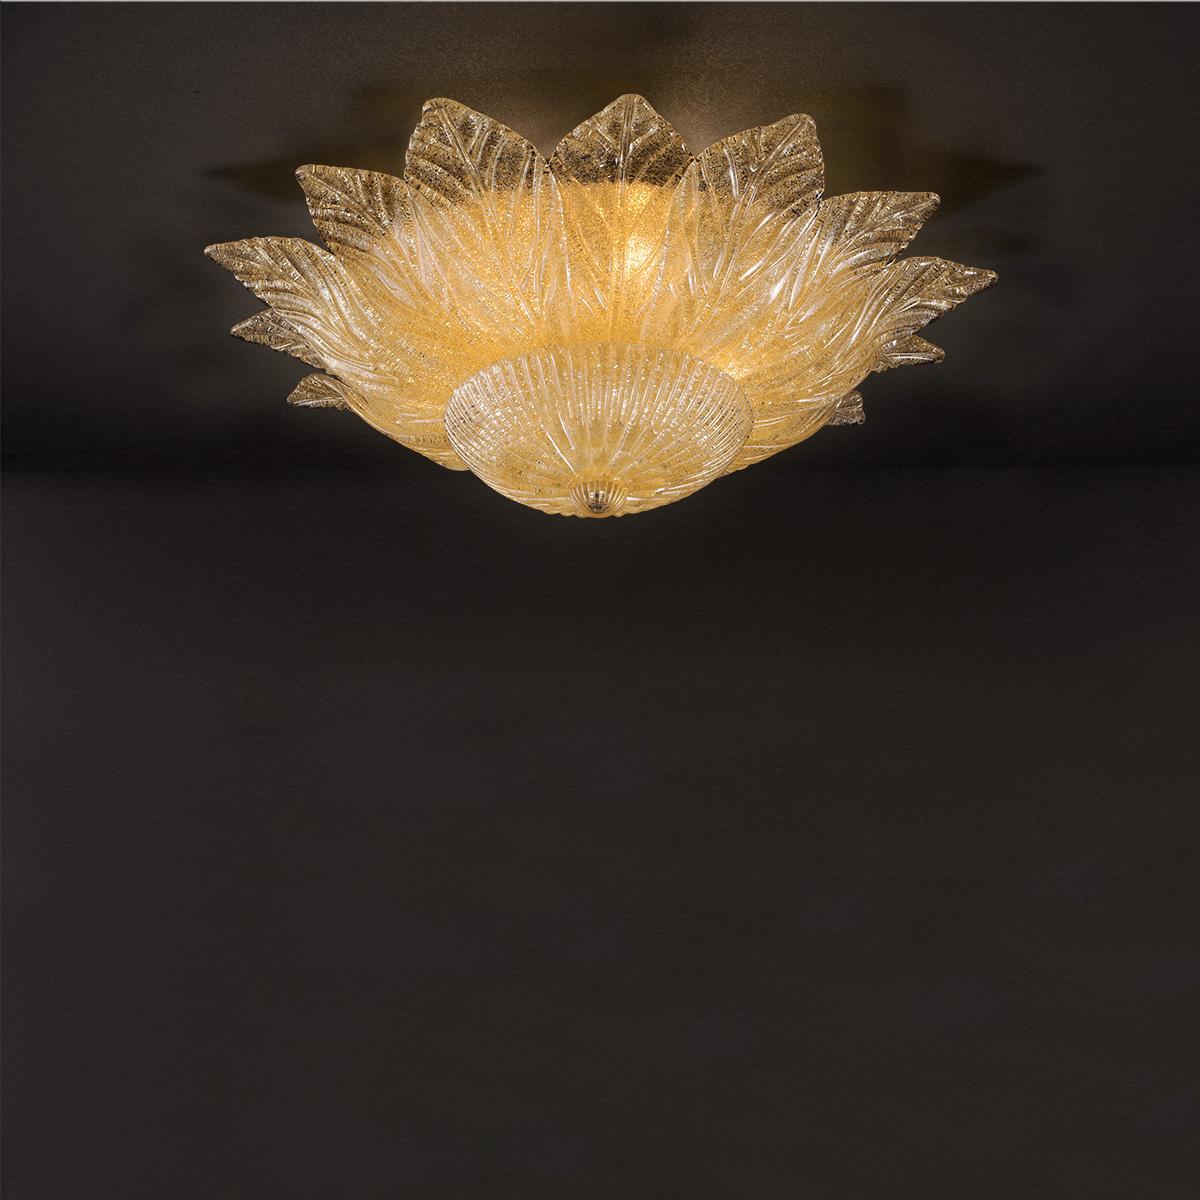 Κλασικό φωτιστικό οροφής με κρυστάλλινα φύλλα STELLA classic ceiling lamp with Murano crystal leaves